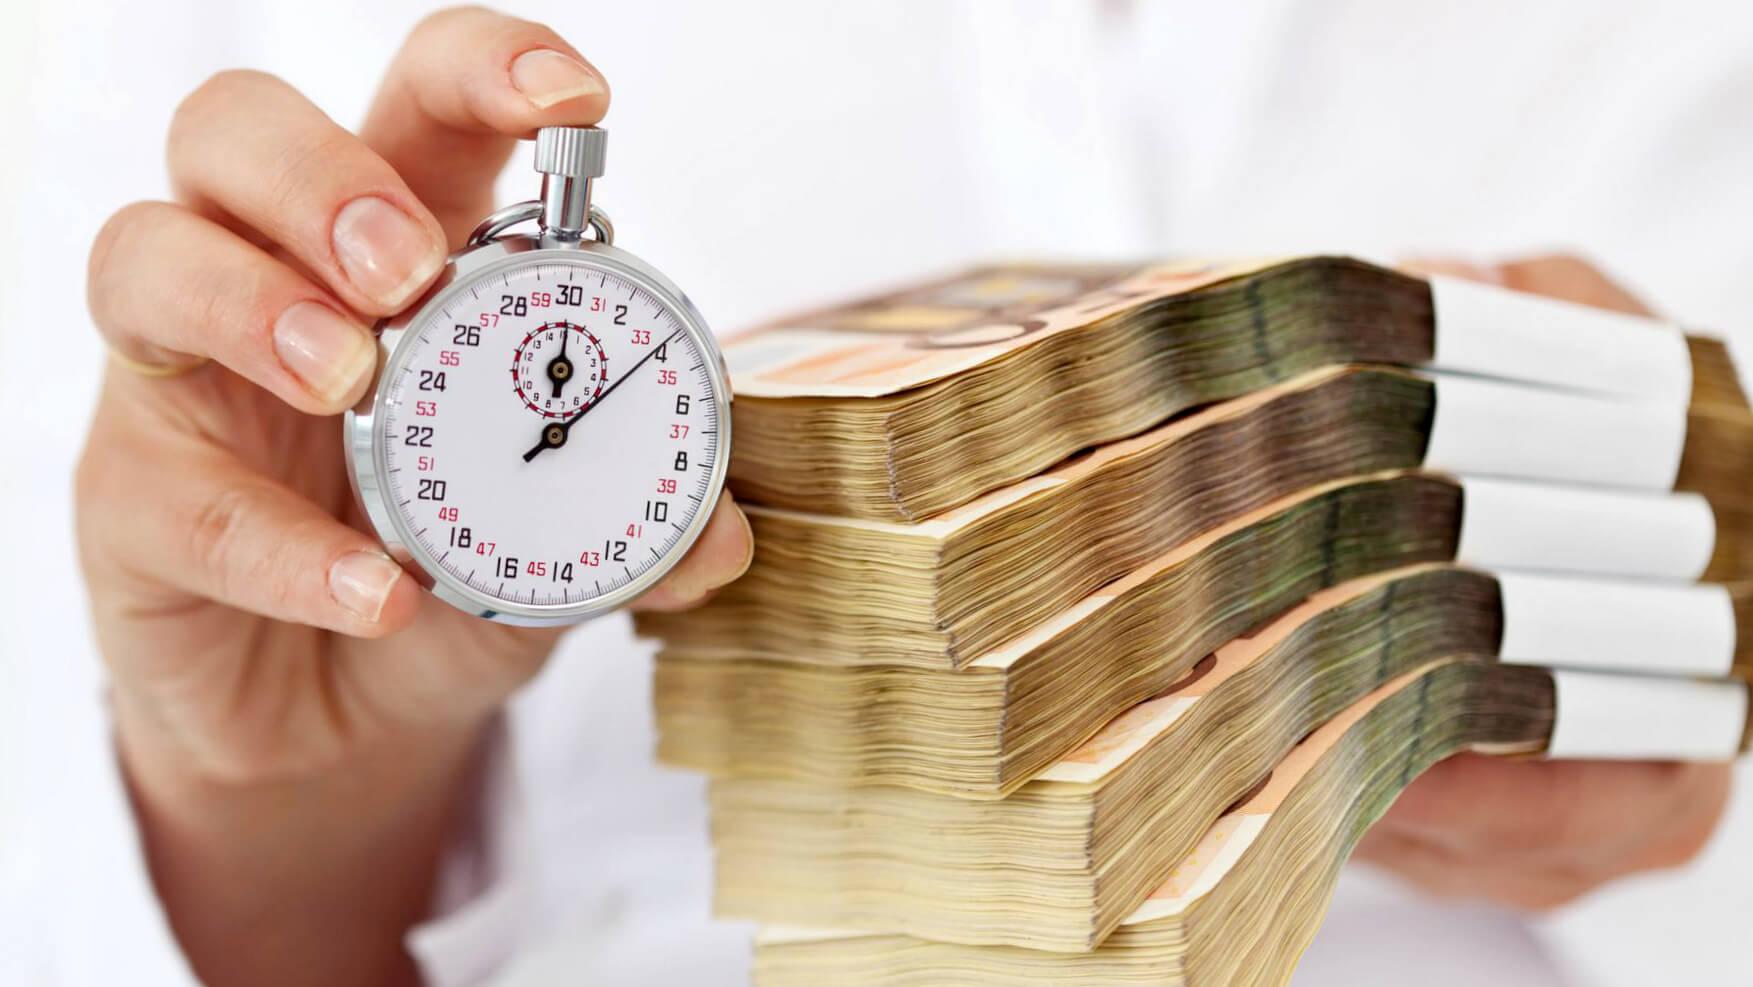 Россиян предупредили о наказании за досрочное погашение кредита: как его избежать